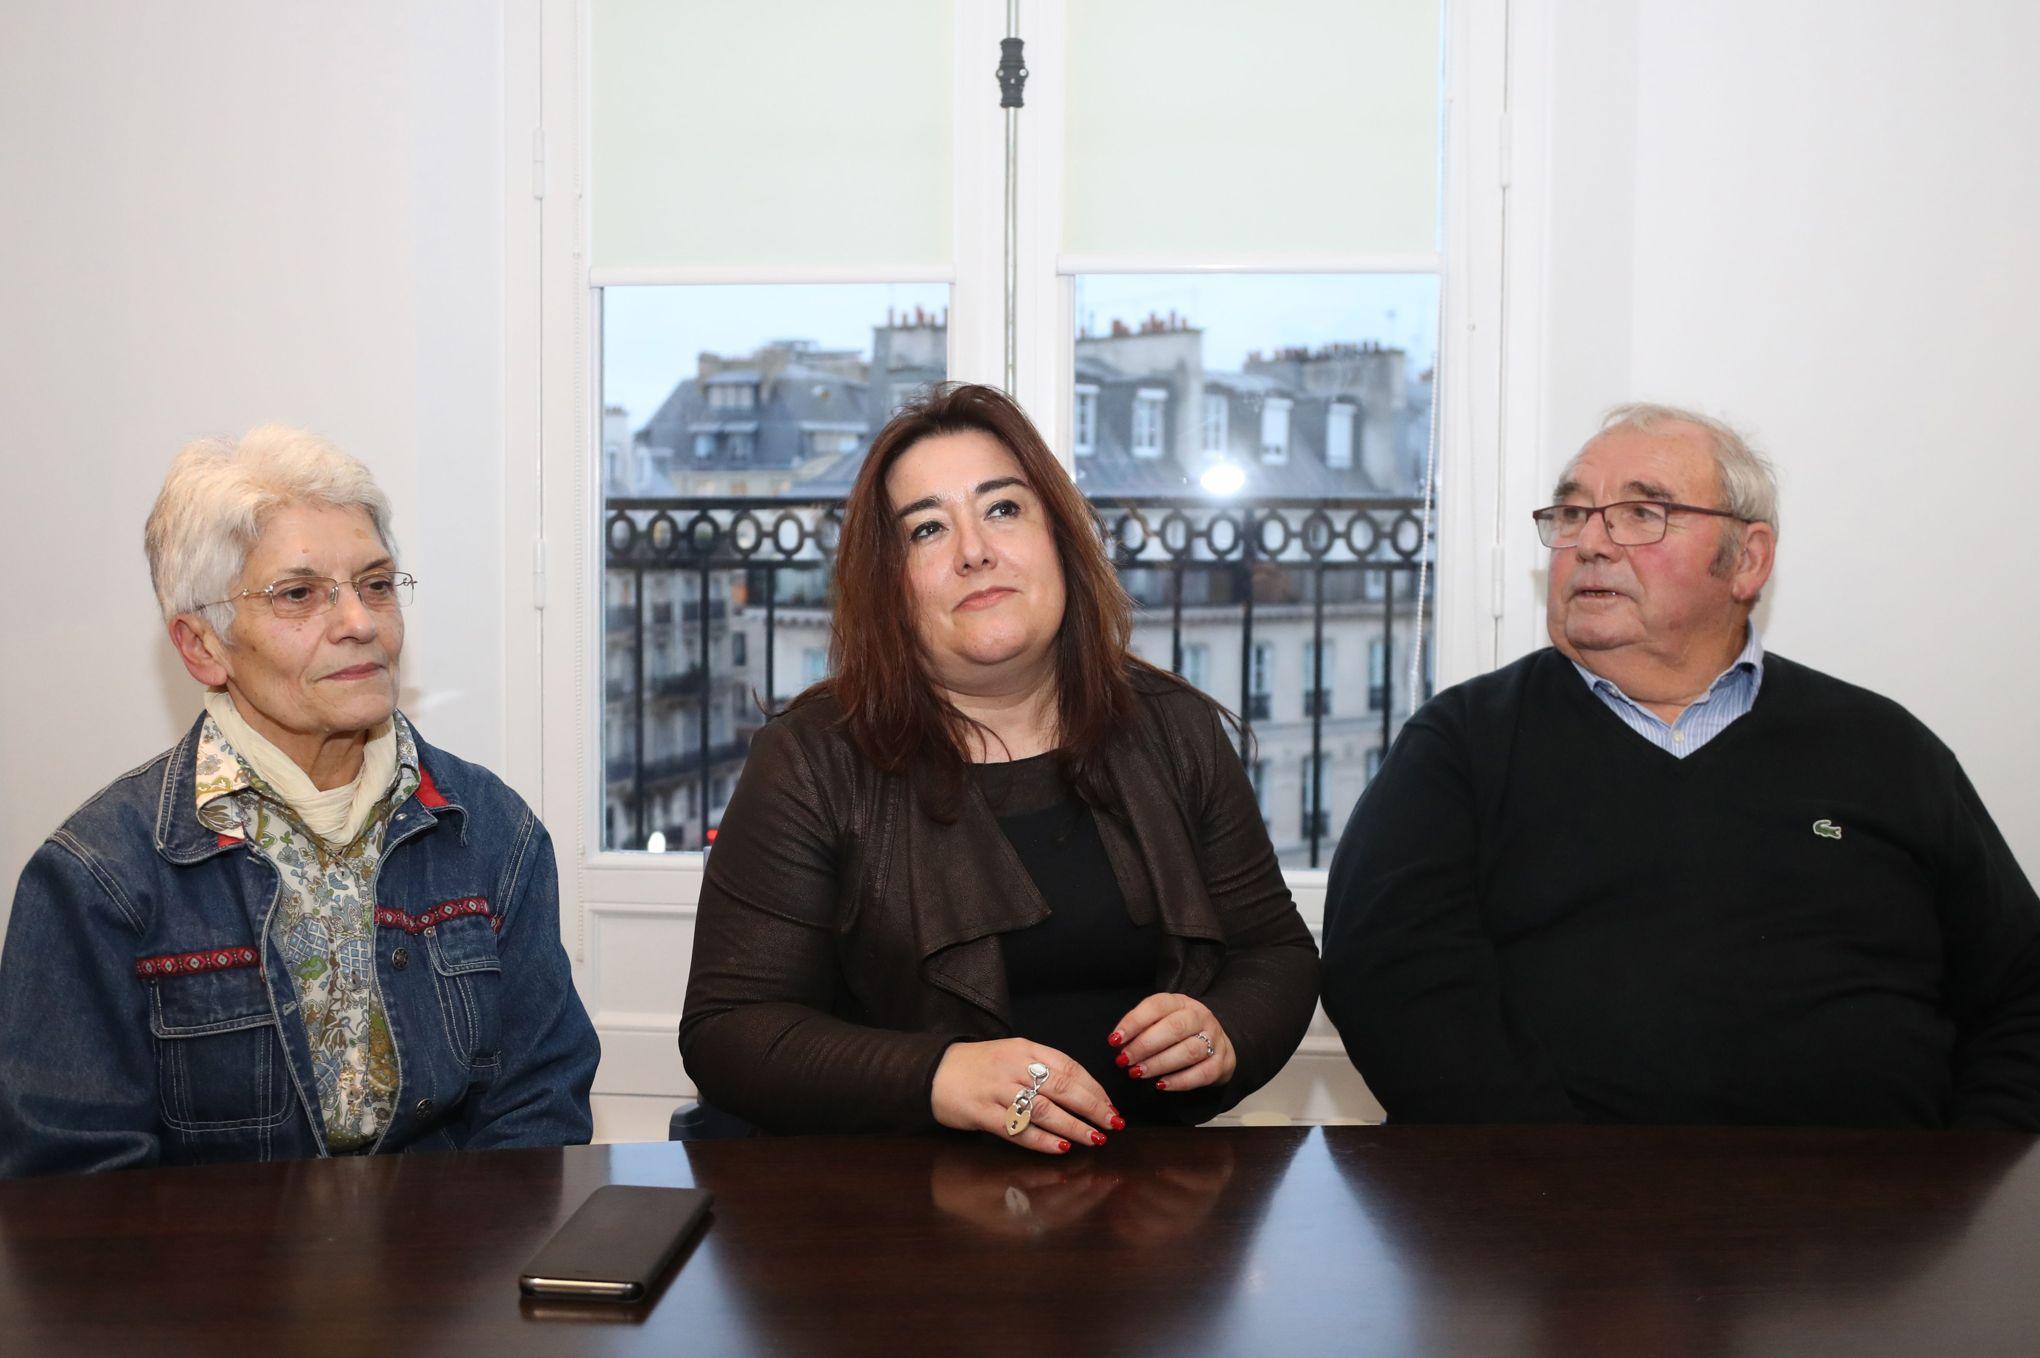 Le Proces De Joel Le Scouarnec Chirurgien Accuse De Pedophilie S Ouvre Ce Vendredi